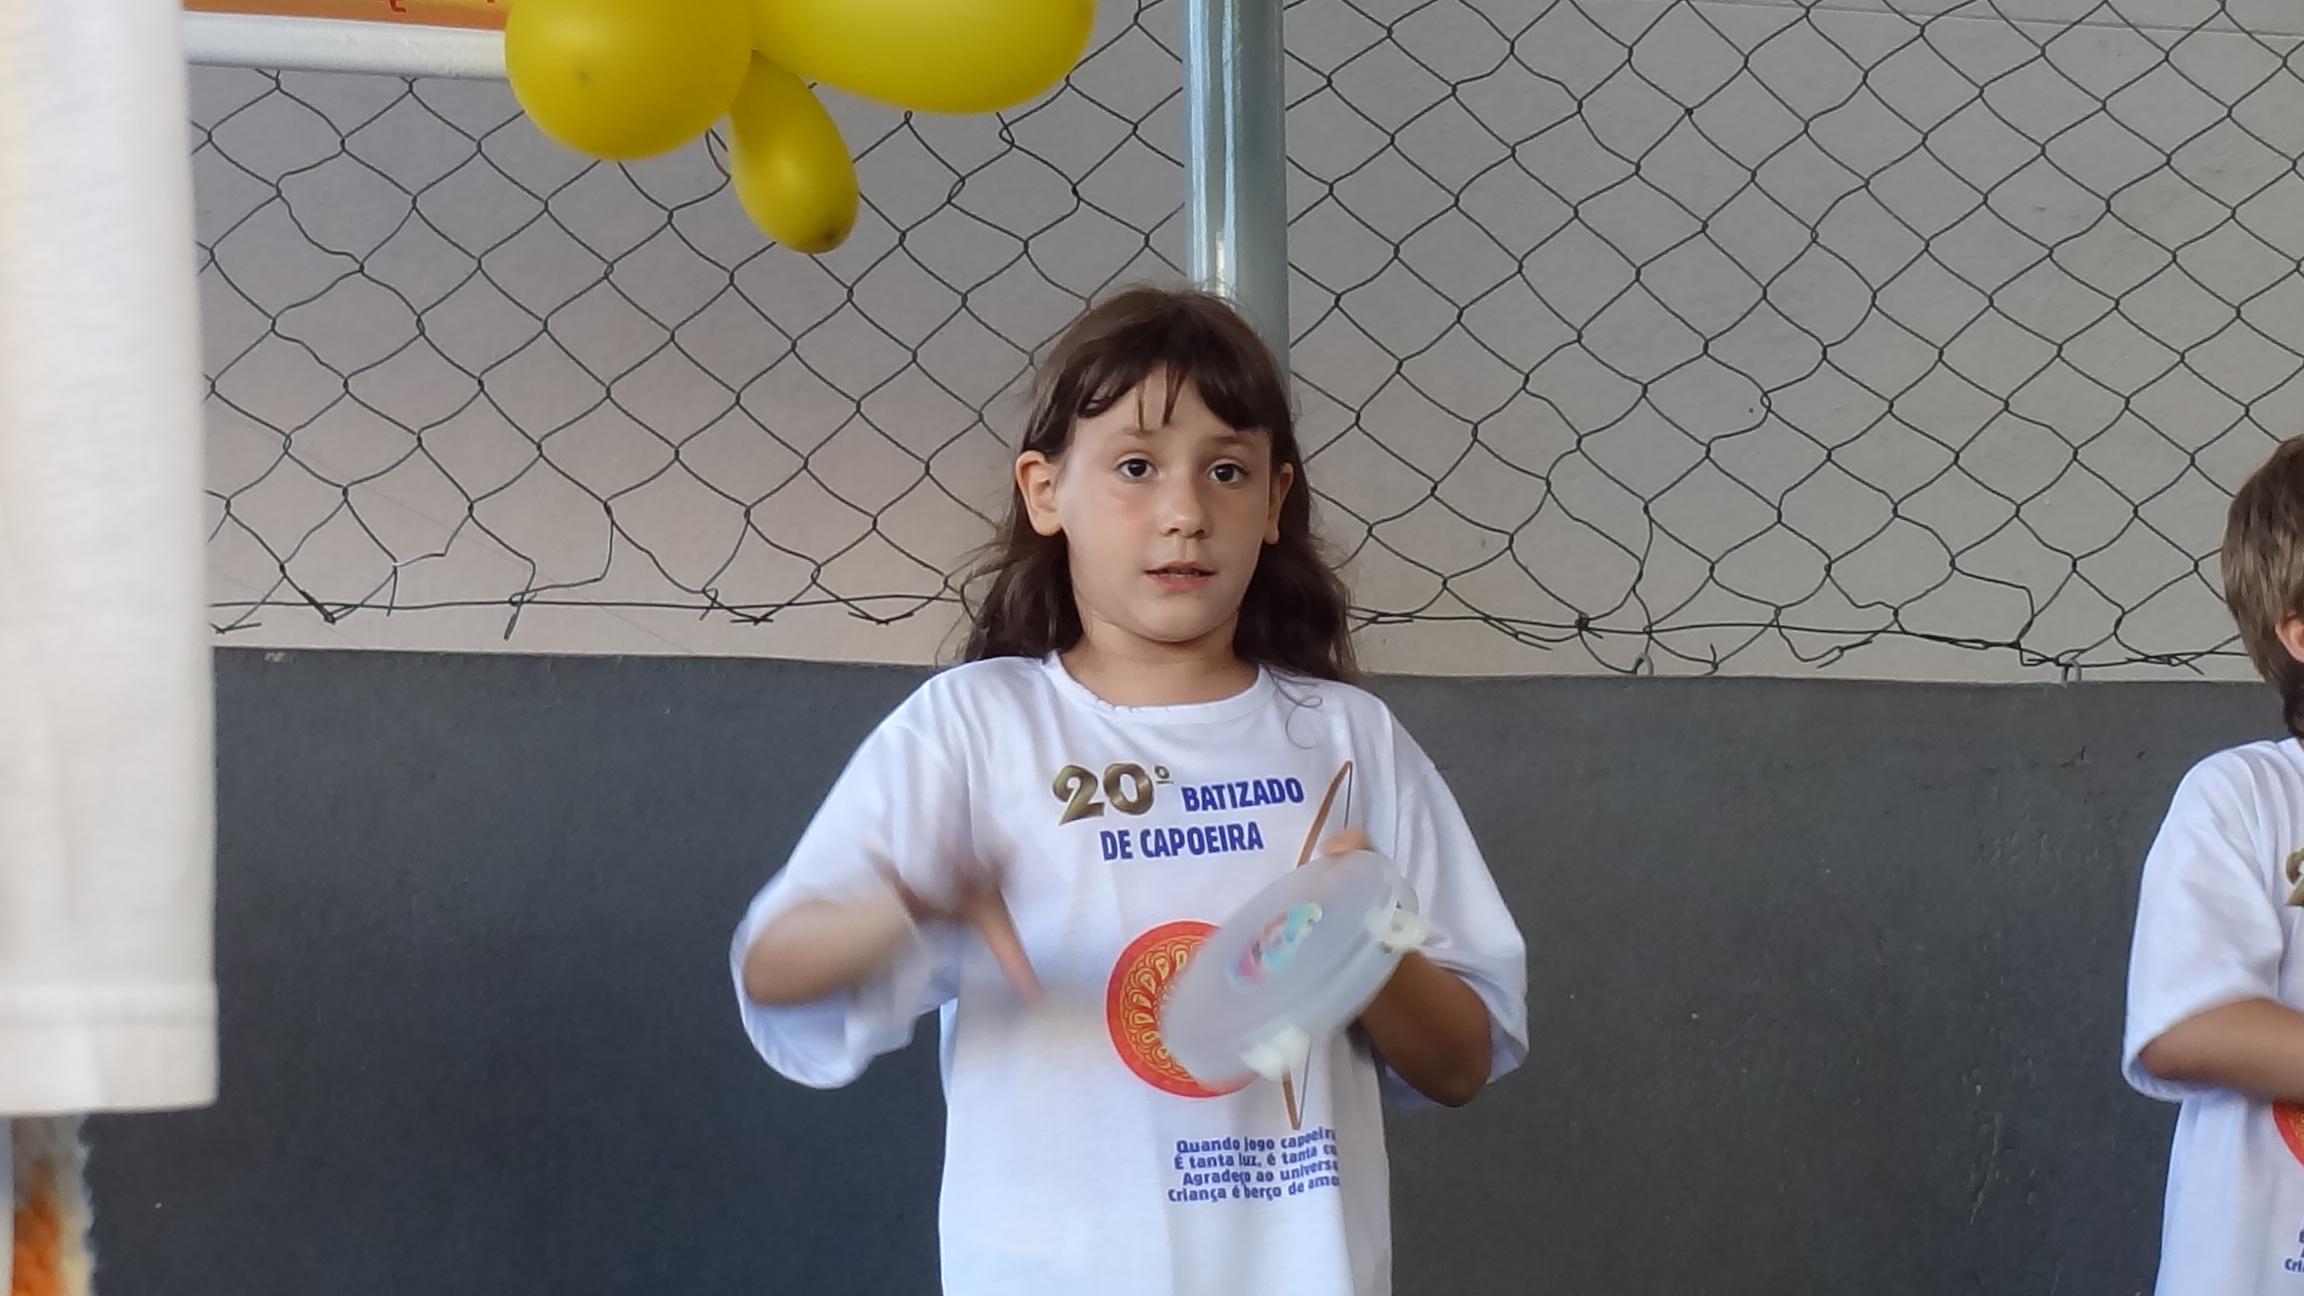 Até a tocar pandeiro no ritmo, ela aprendeu!